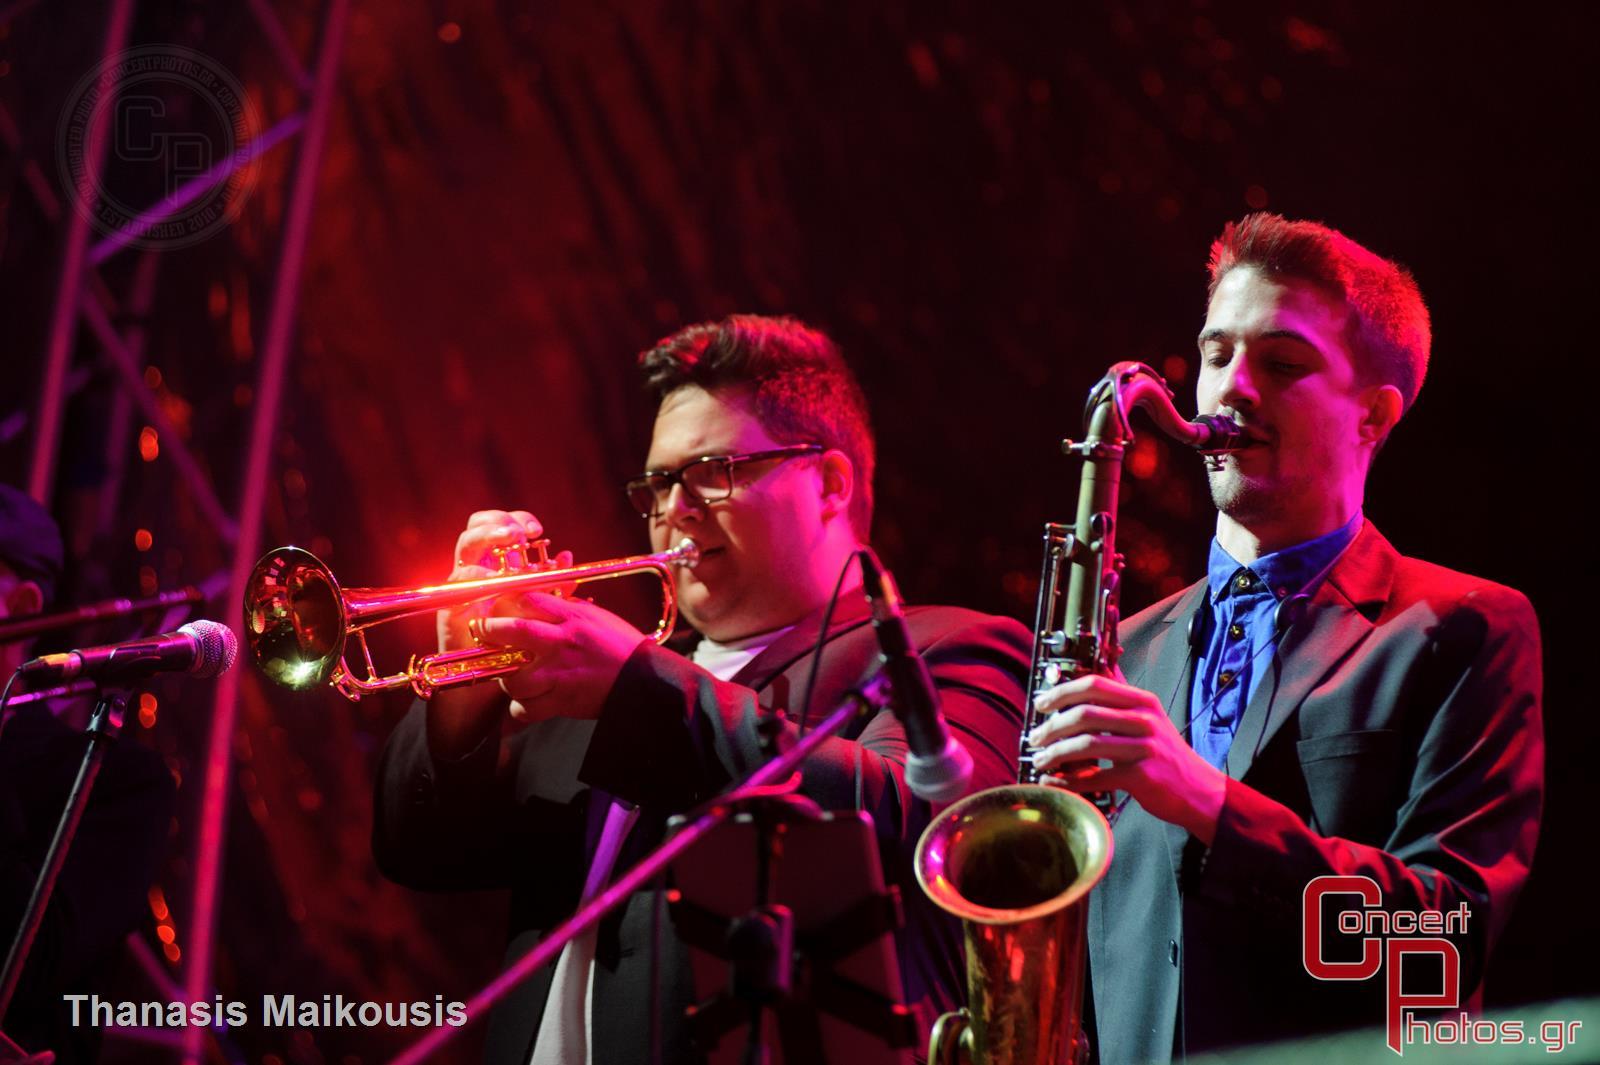 En Lefko 2014-En Lefko 2014 photographer: Thanasis Maikousis - concertphotos_20140621_23_09_50